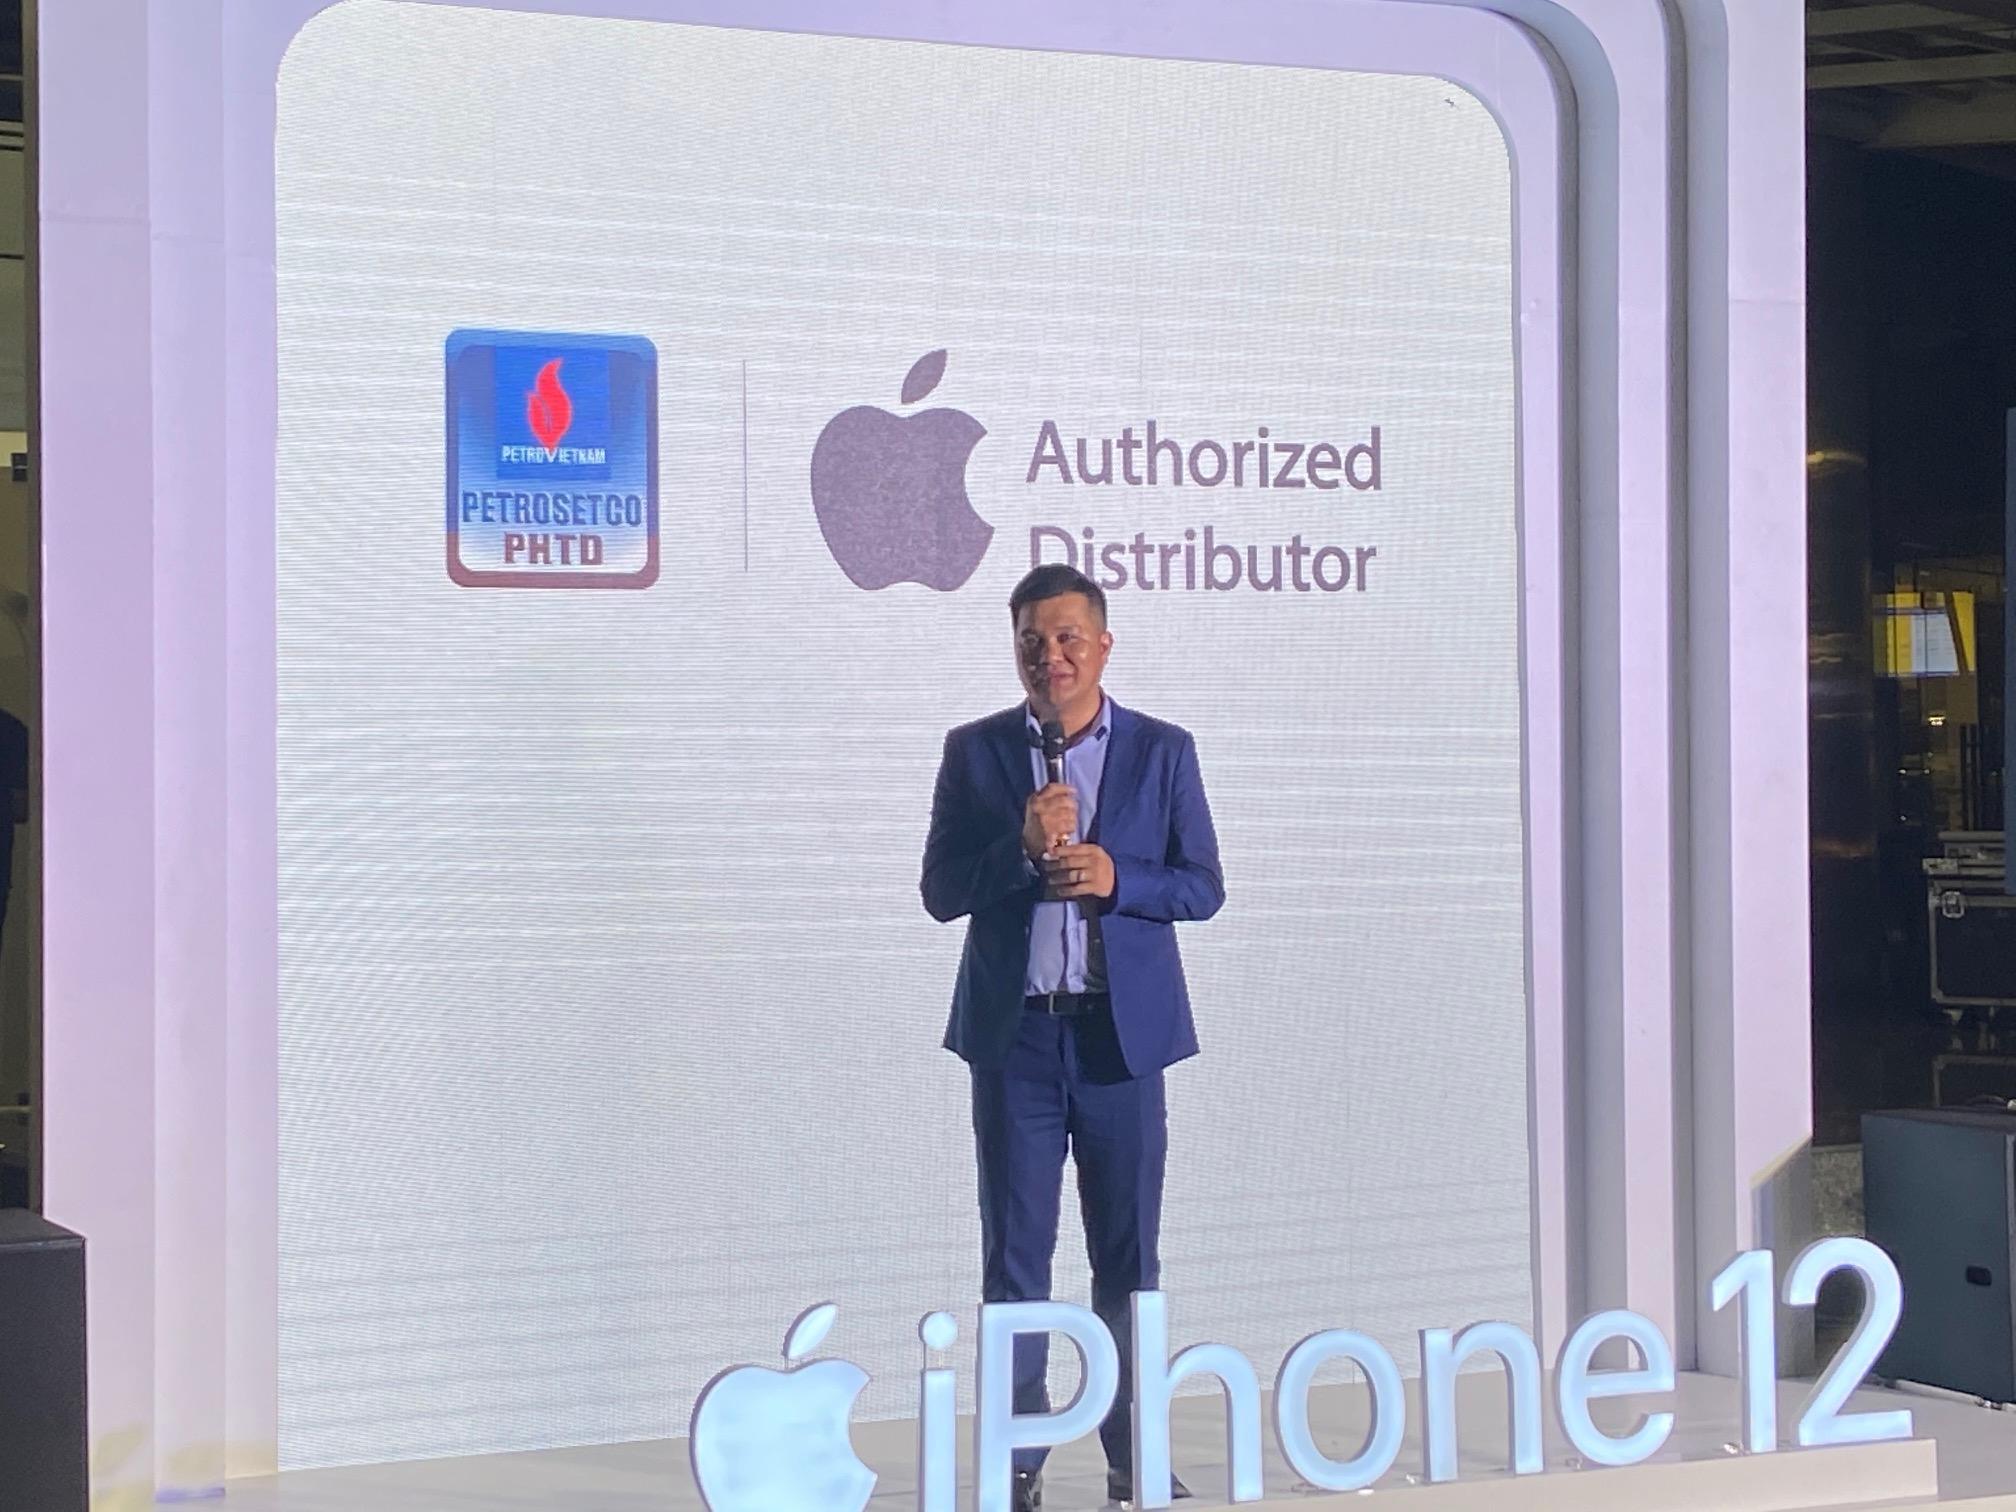 PETROSETCO: PHTD chính thức mở bán iPhone 12 series và công bố đại lý uỷ quyền chính thức của Apple tại Việt Nam